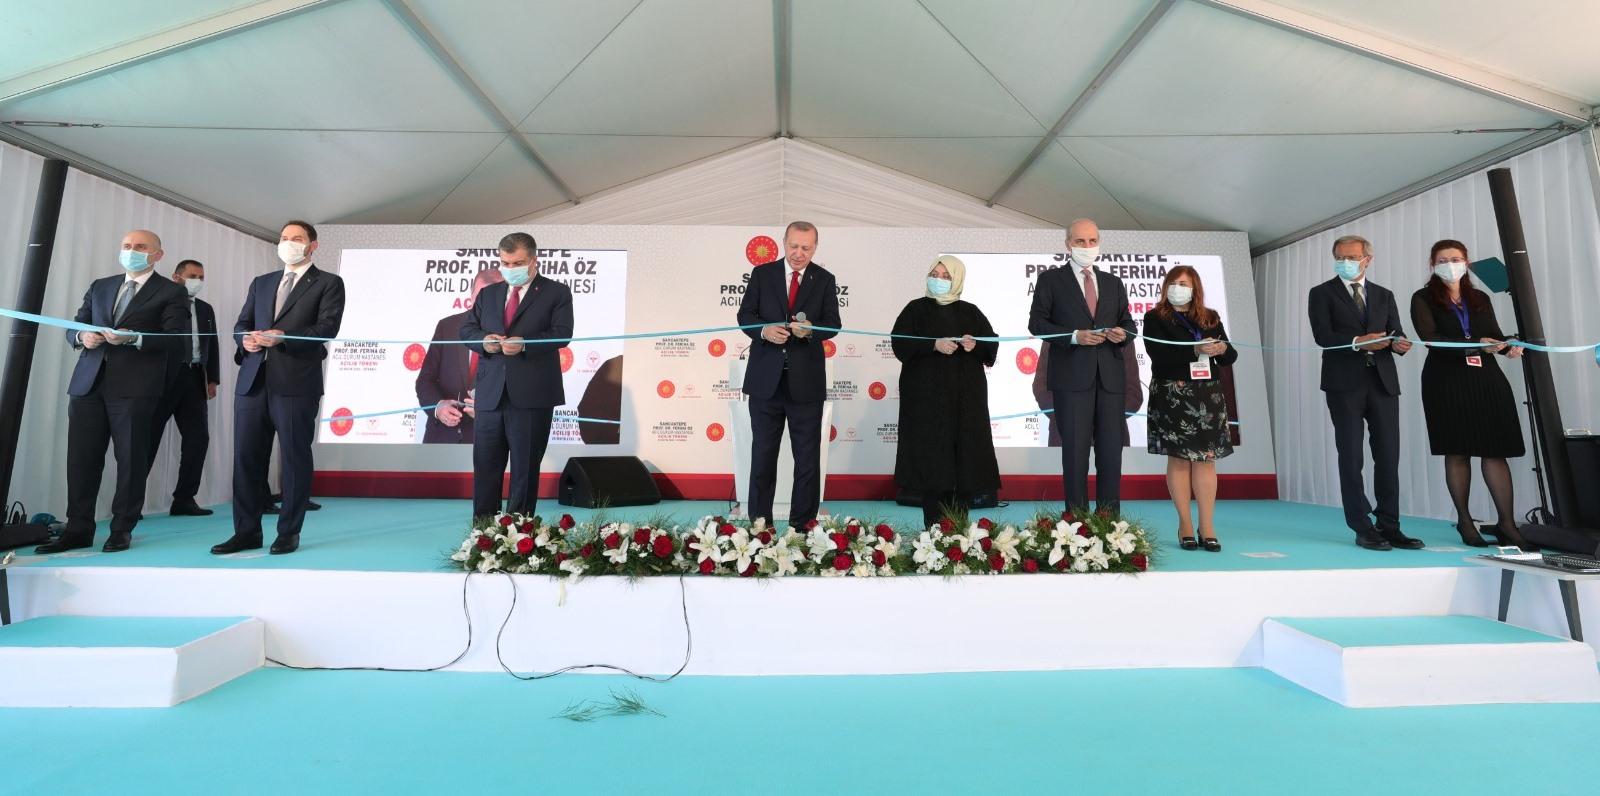 """Cumhurbaşkanı: '""""Sağlık turizmini hedefliyoruz ve bunu başaracağız"""""""